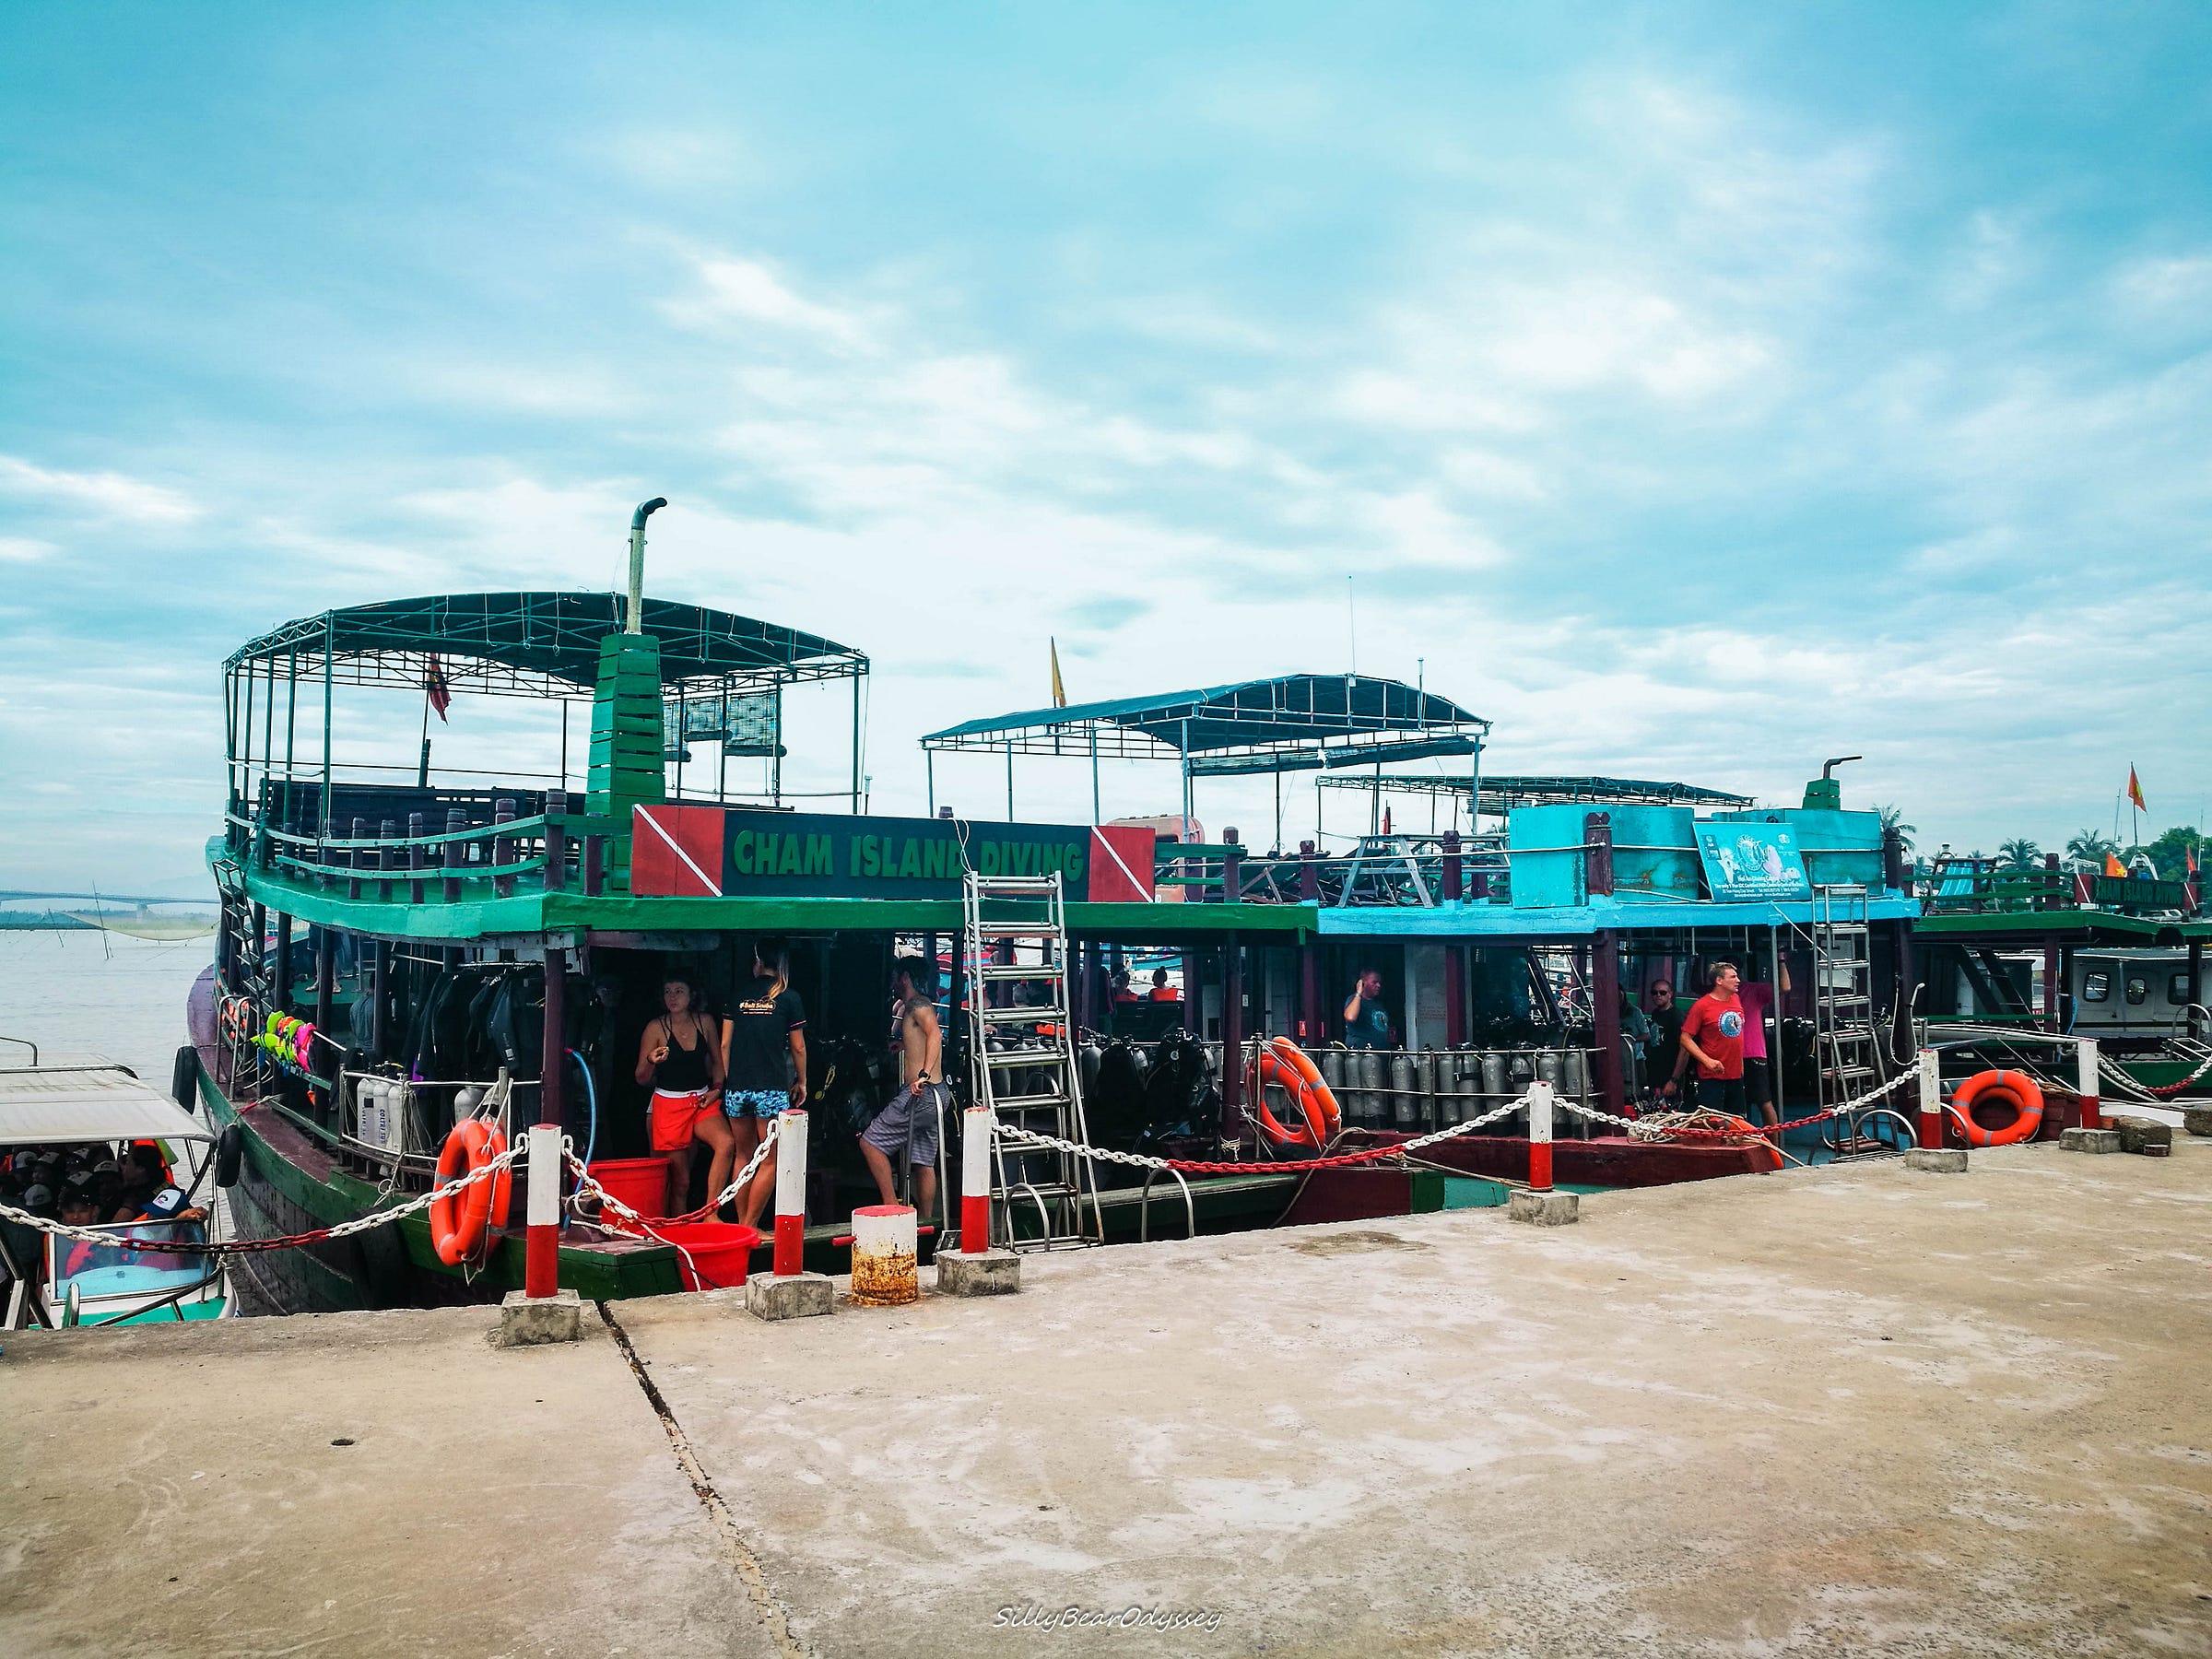 【峴港。會安】(2)重臨馬爾代夫水底。占婆島 Cham Island 浮潛記 – 傻仔熊遊世界 – Medium